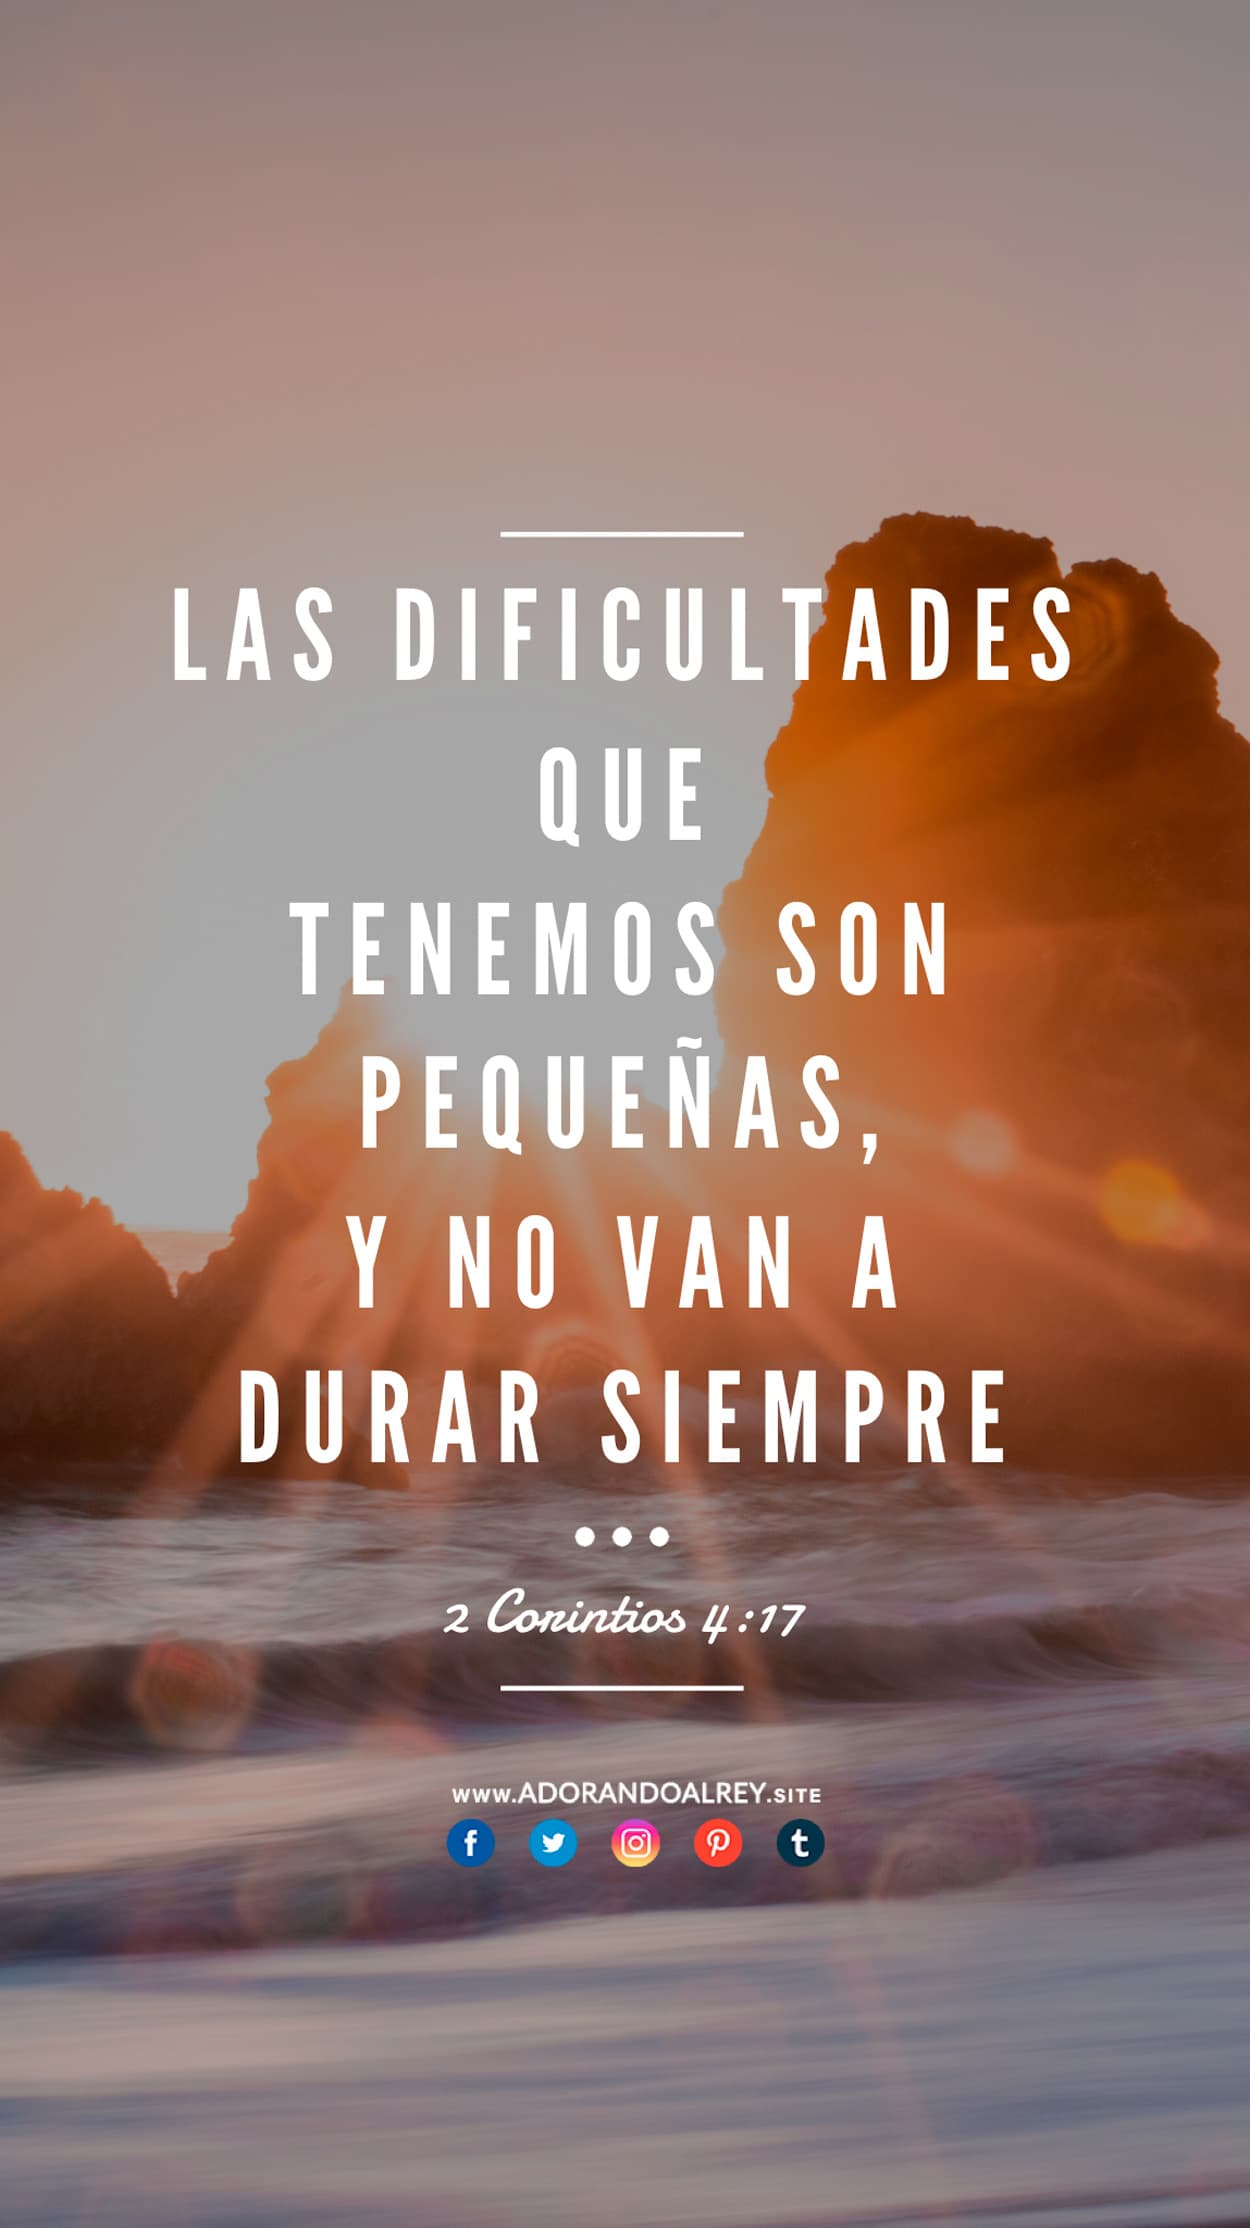 2 Corintios 4:17